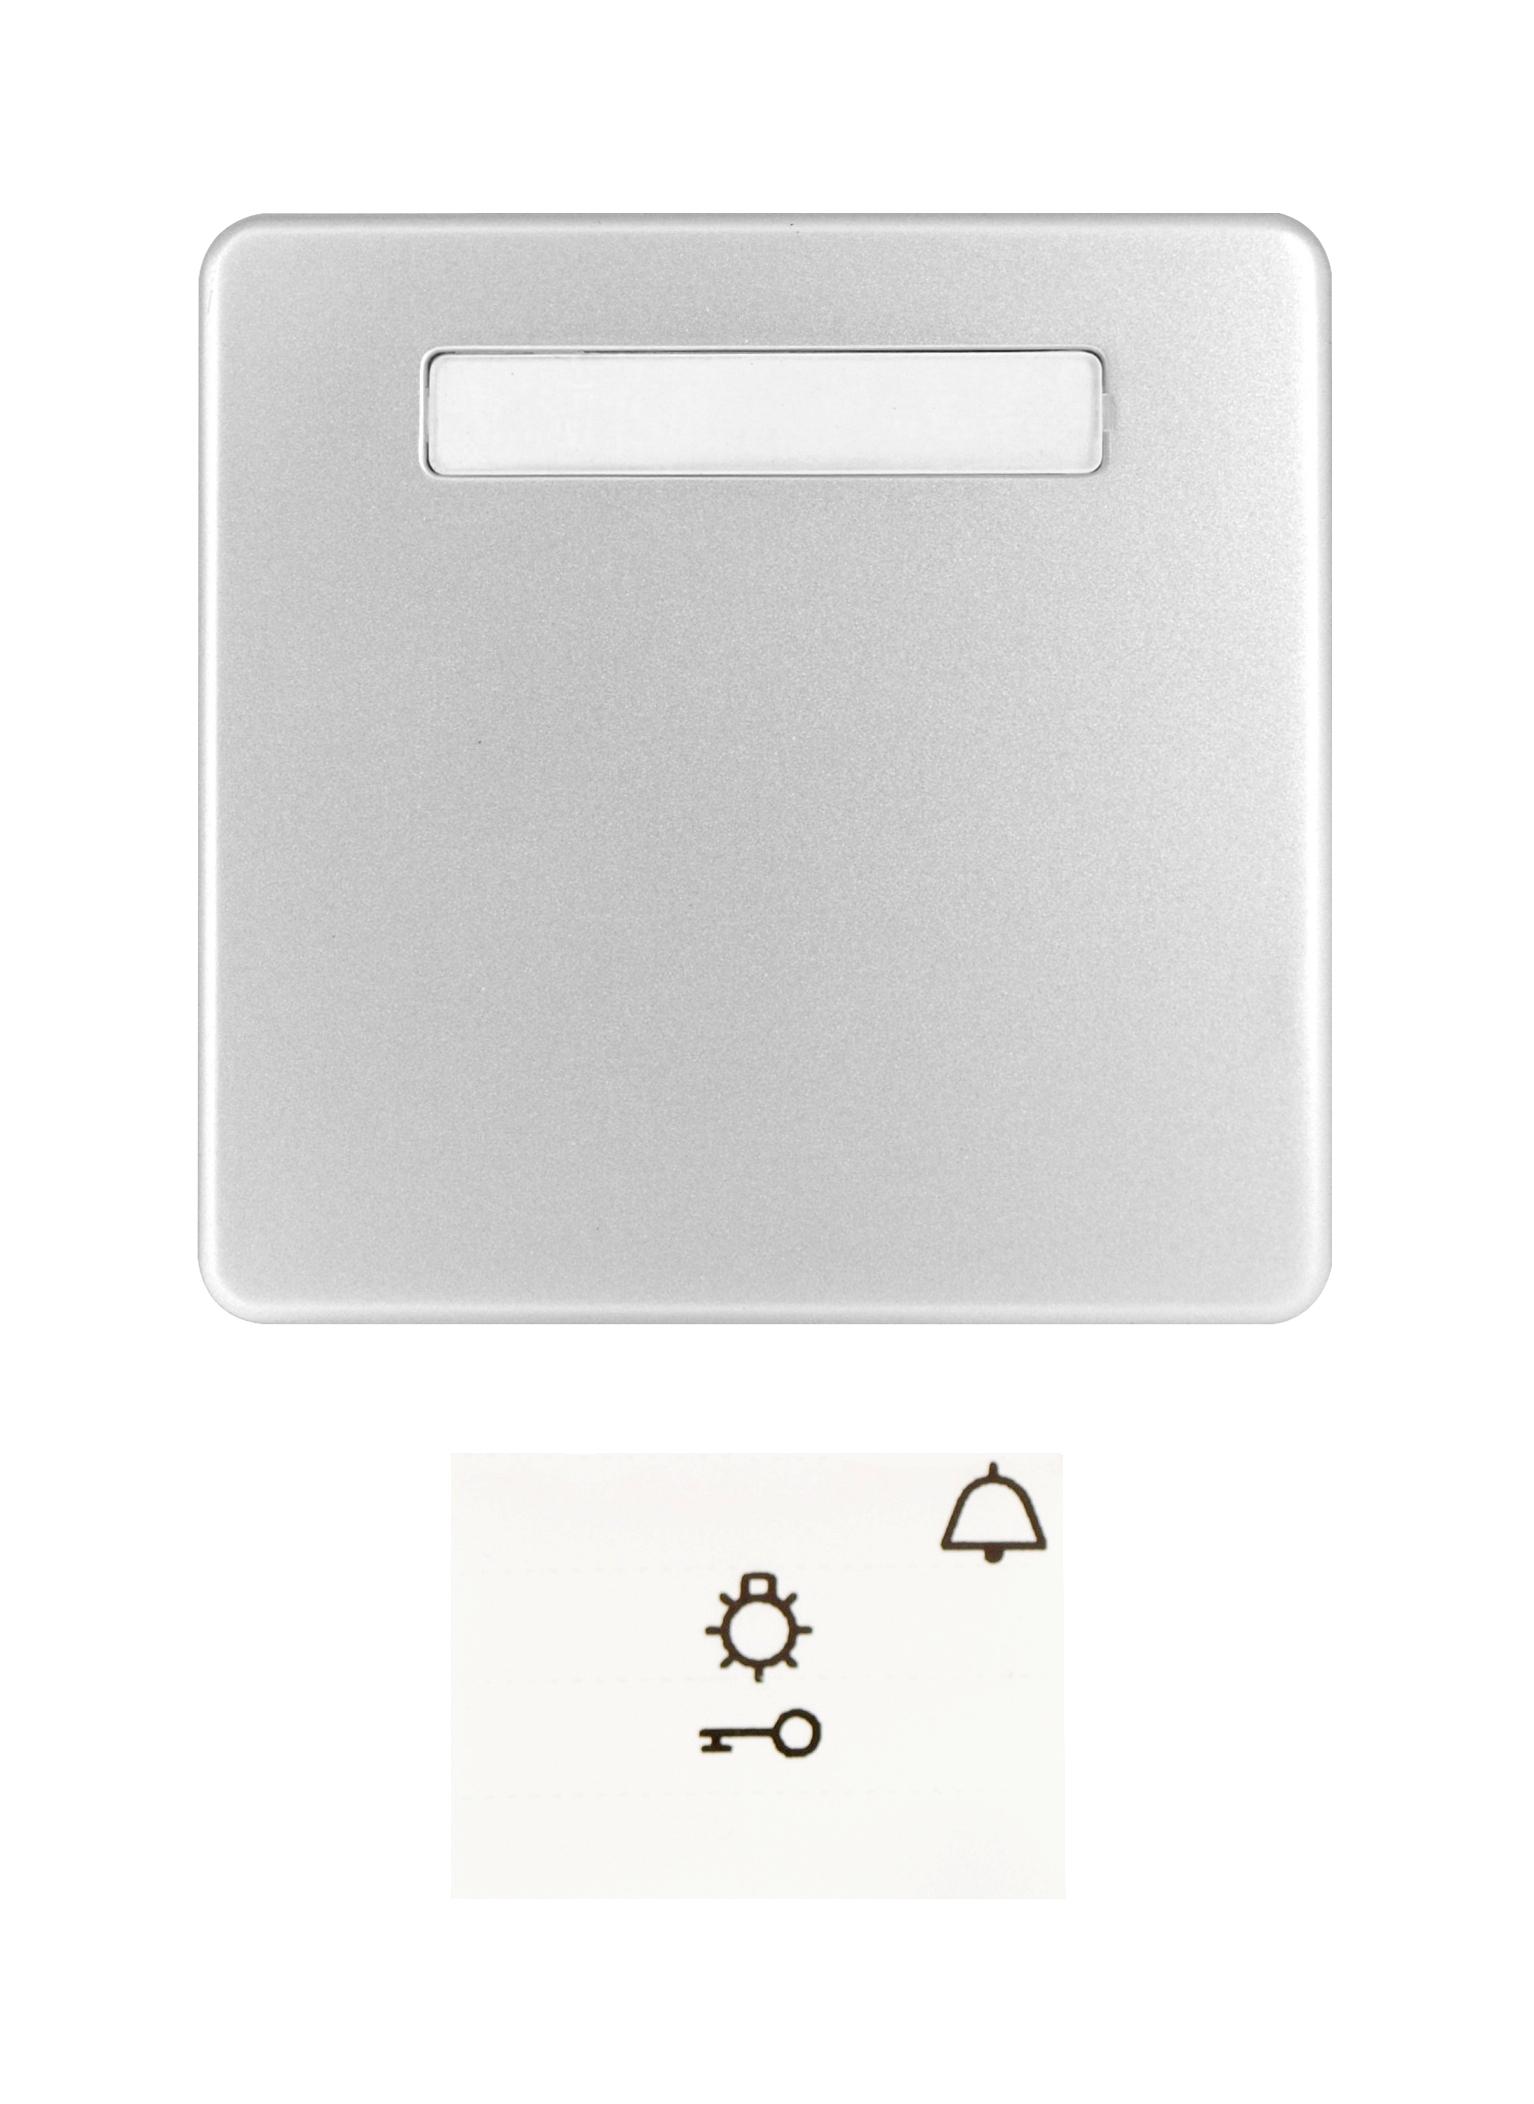 1 Stk Wippe mit Schriftfeld, Alueffekt EL2136219-